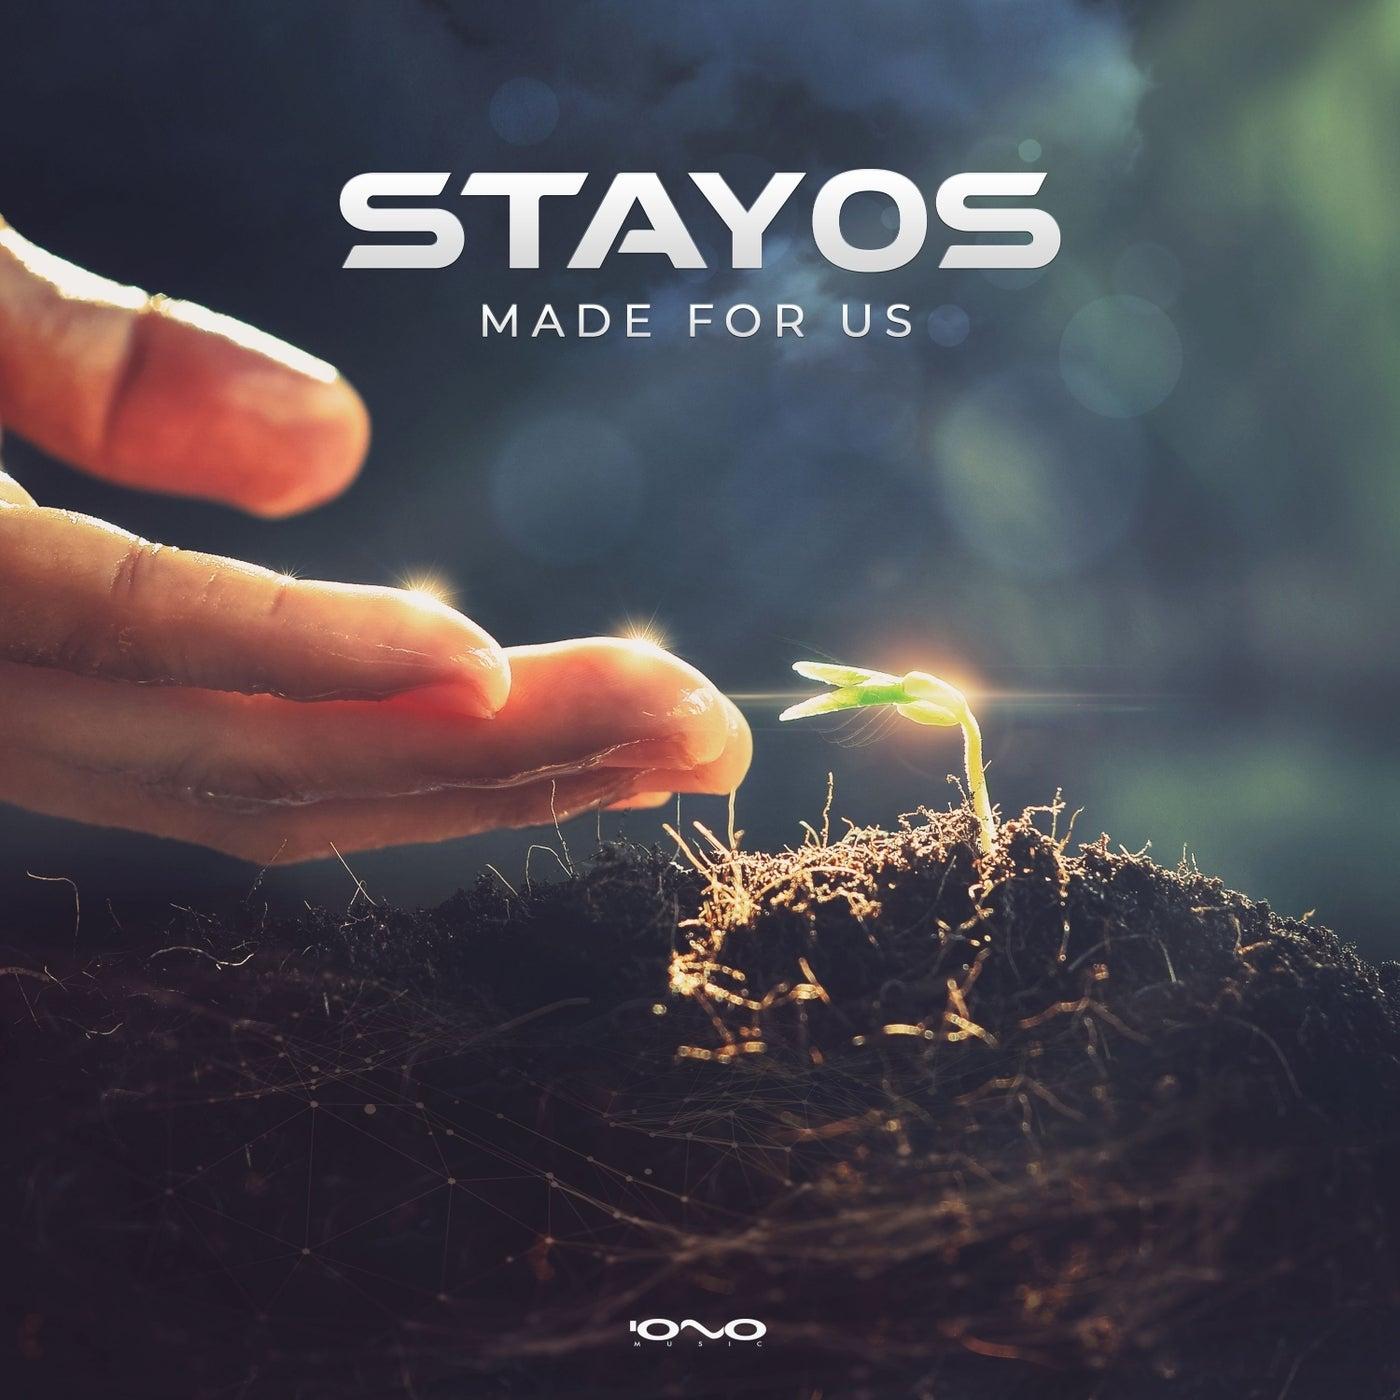 Made for Us (Original Mix)